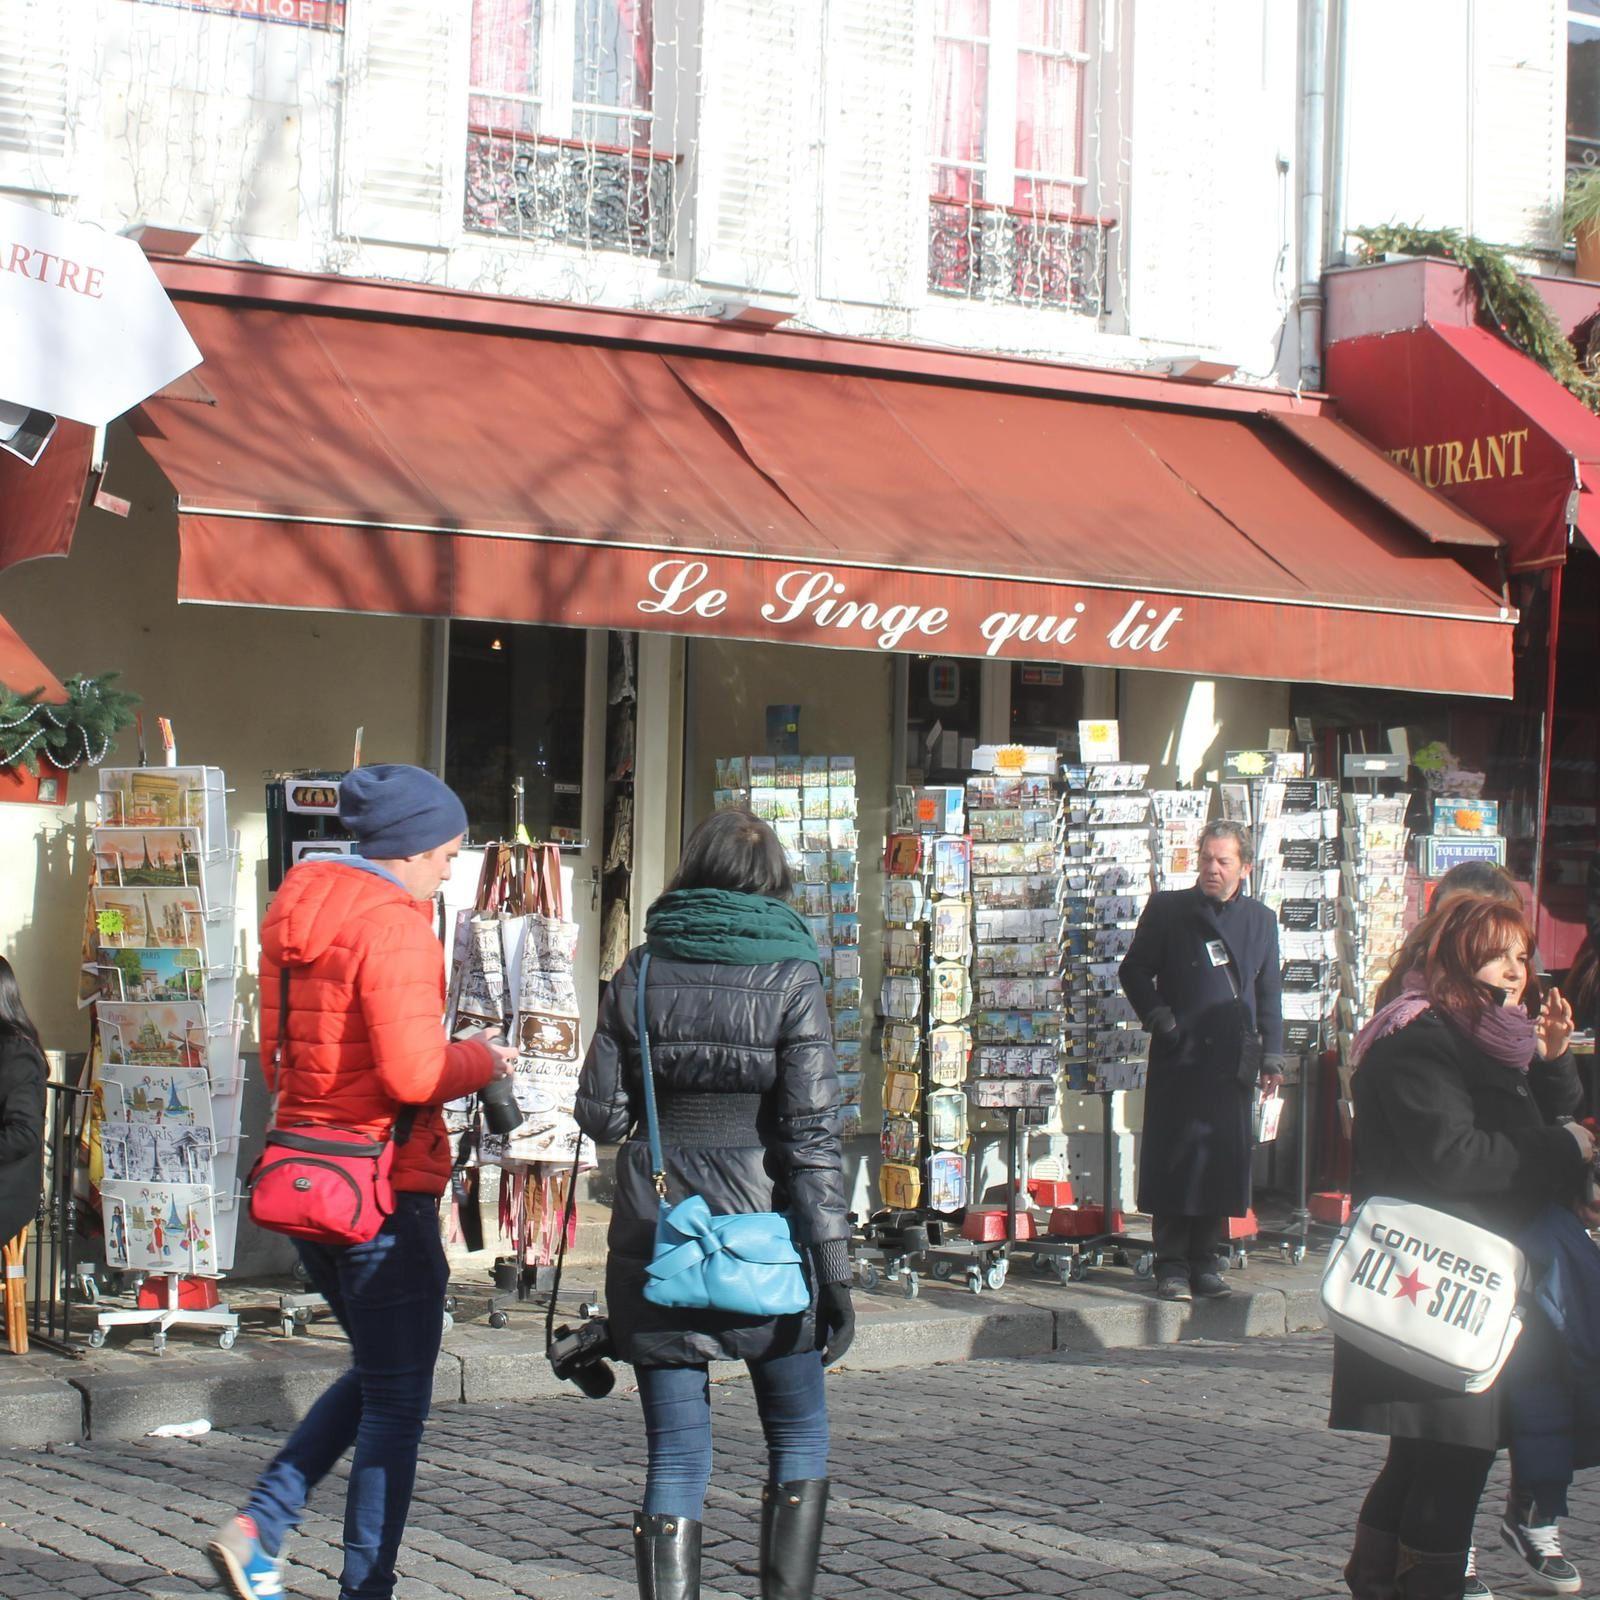 Le singe qui lit. Montmartre.Place du Tertre.